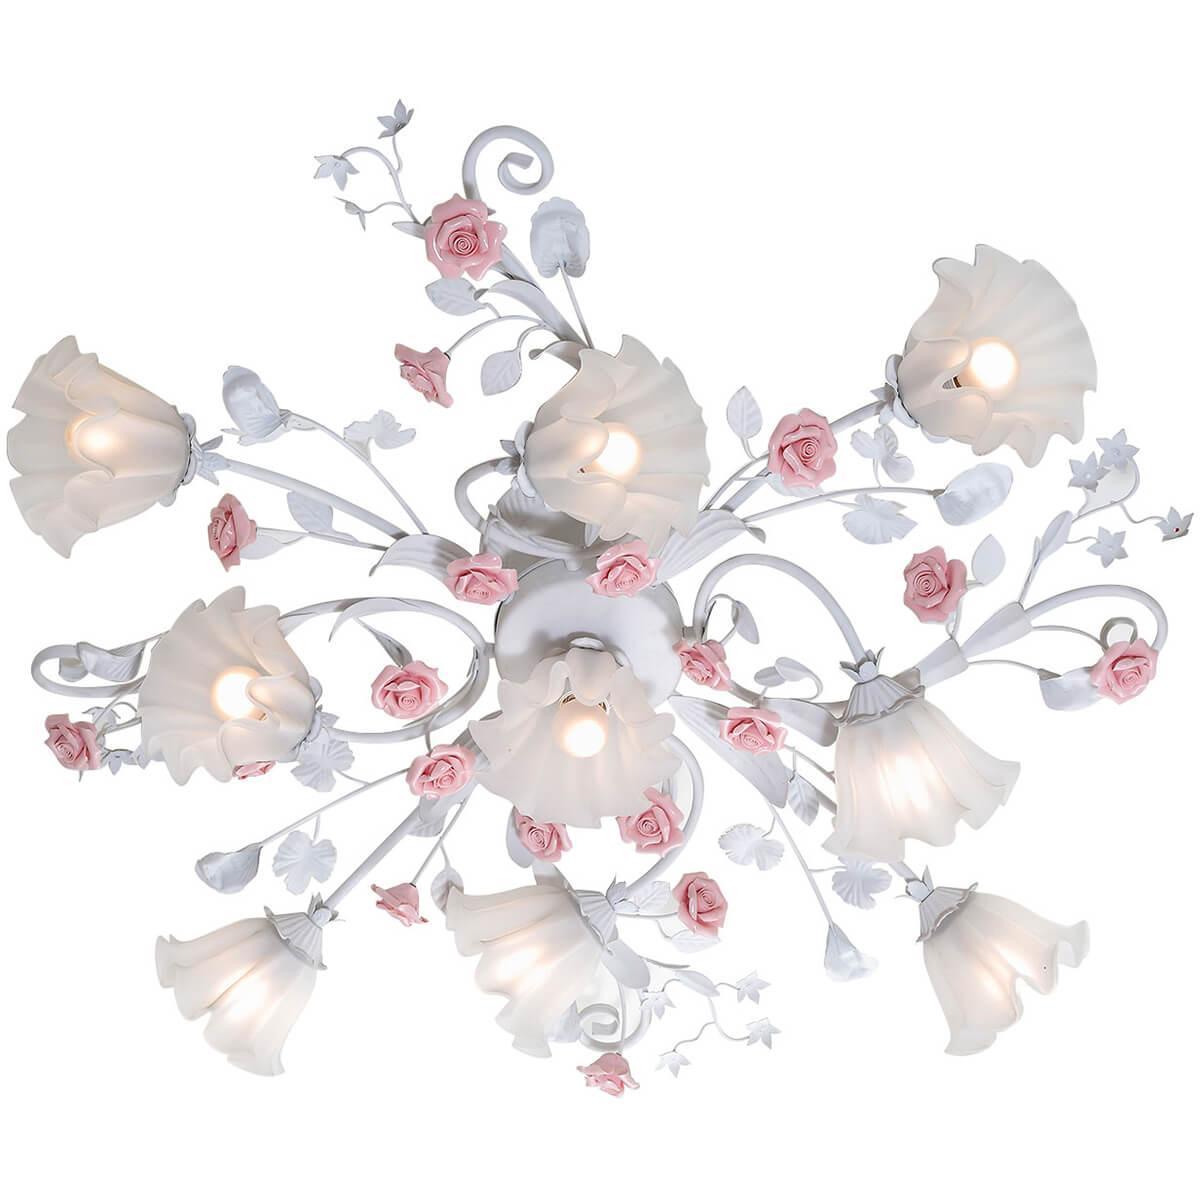 Люстра Lucia Tucci Fiori Di Rose 109.8.1 потолочная